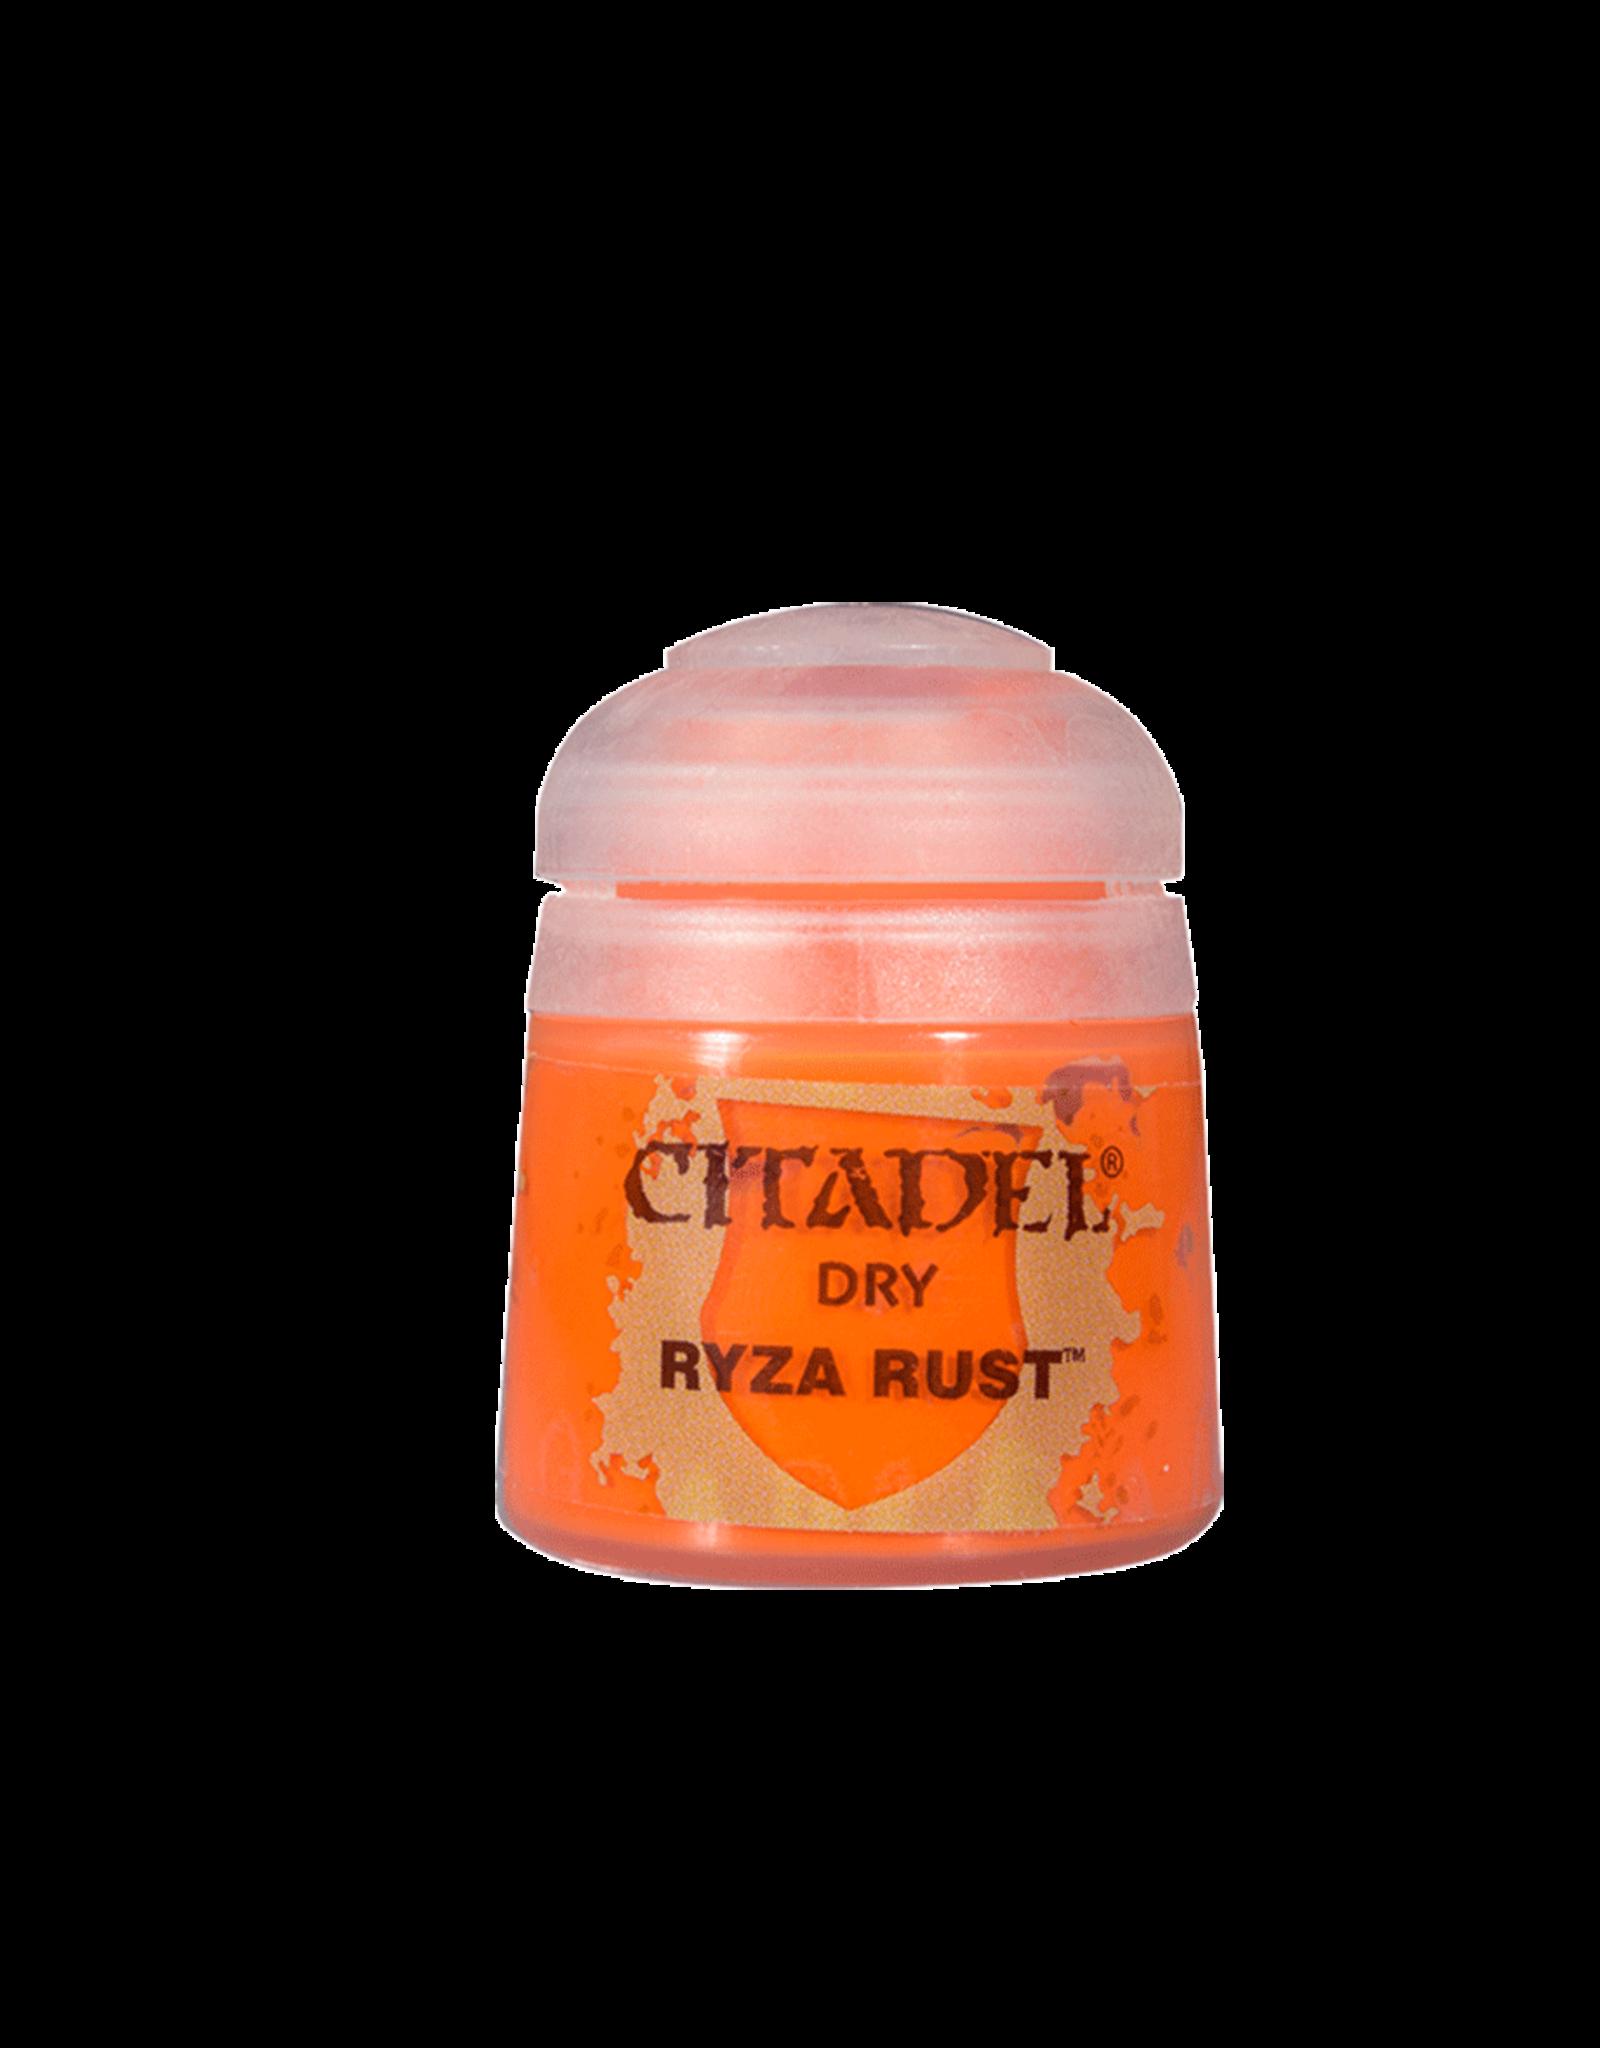 Citadel Citadel Paints: Dry - Ryza Rust